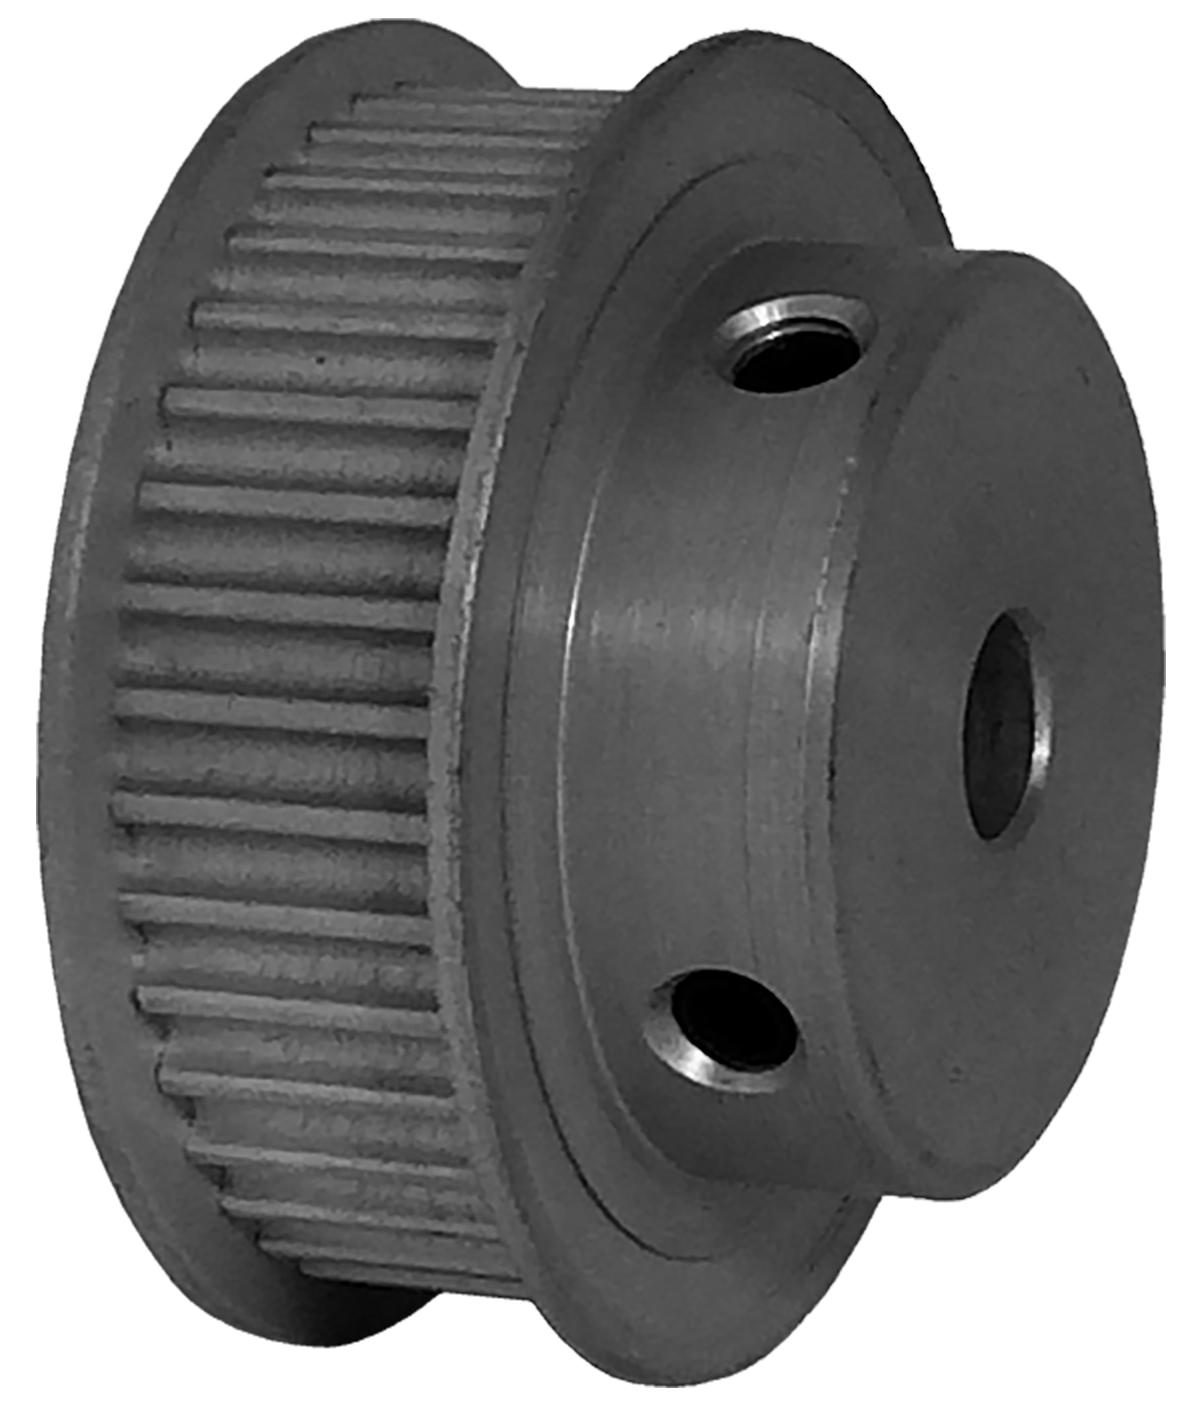 38-3P09-6FA3 - Aluminum Powerhouse® Pulleys